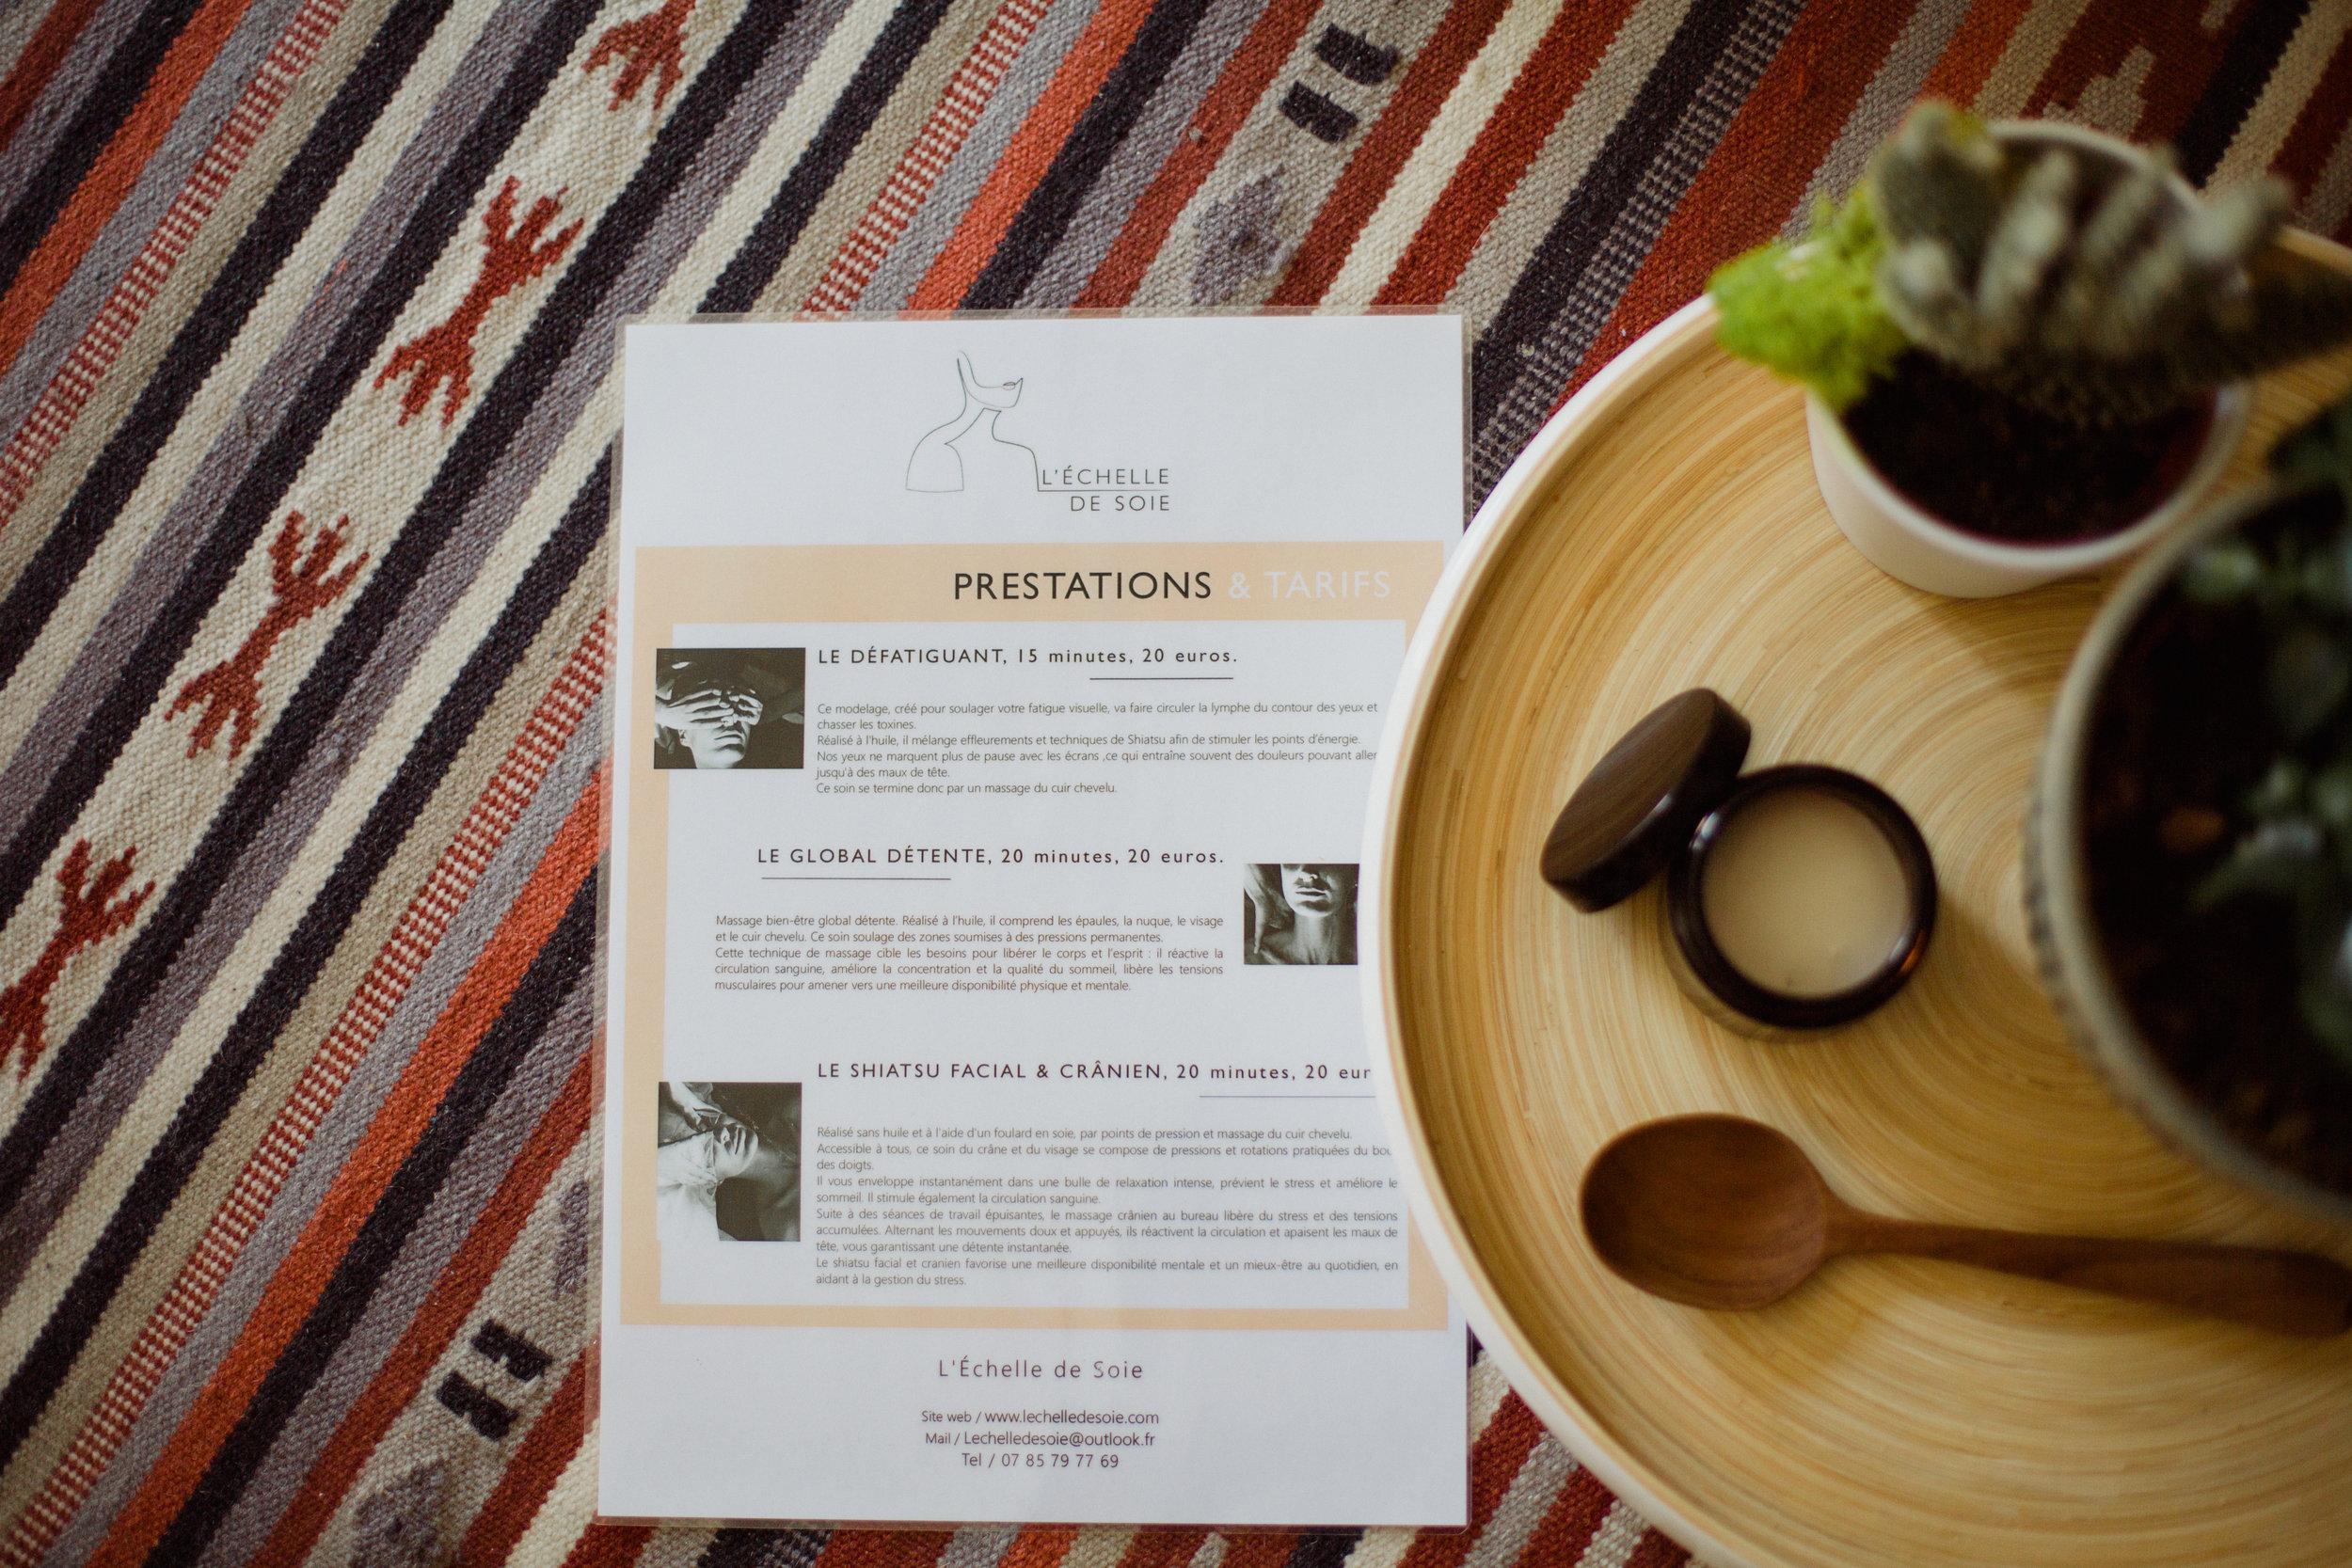 échelle de Soie massages bien-être contemporains nomades activités lendemain de mariage